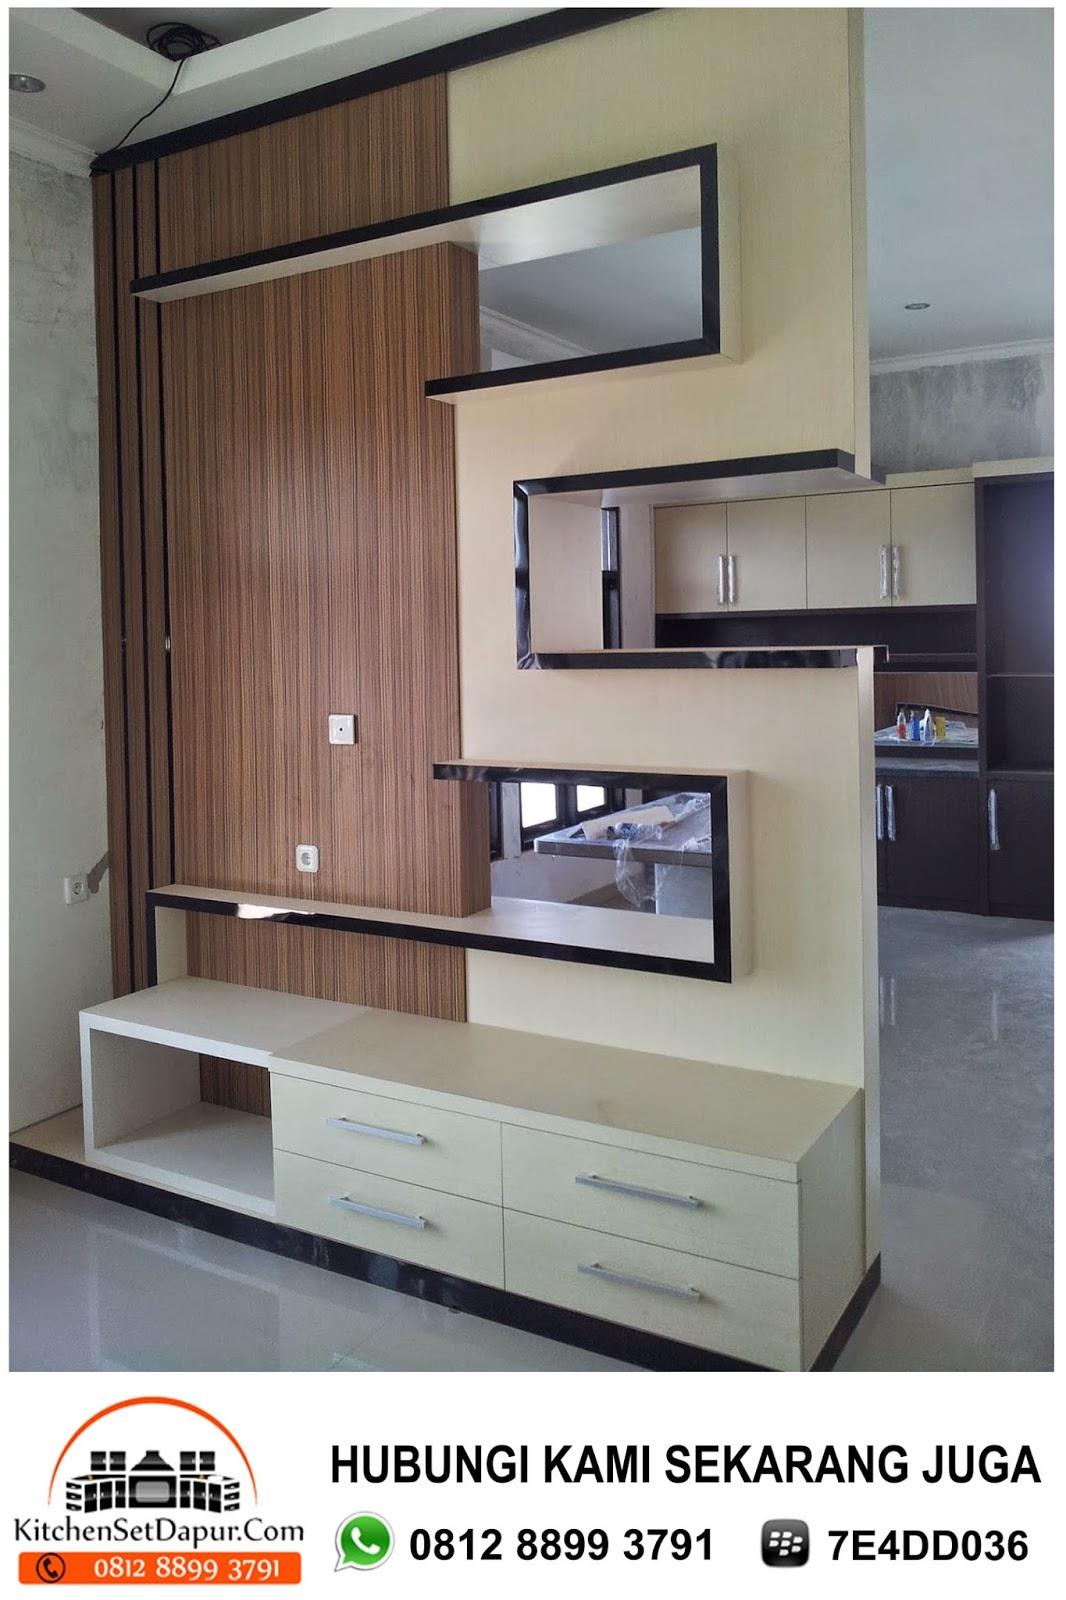 Toko Kitchen Set Cibubur, Kitchen Set Stainless Cibubur,kitchen Set Murah  Di Cibubur,